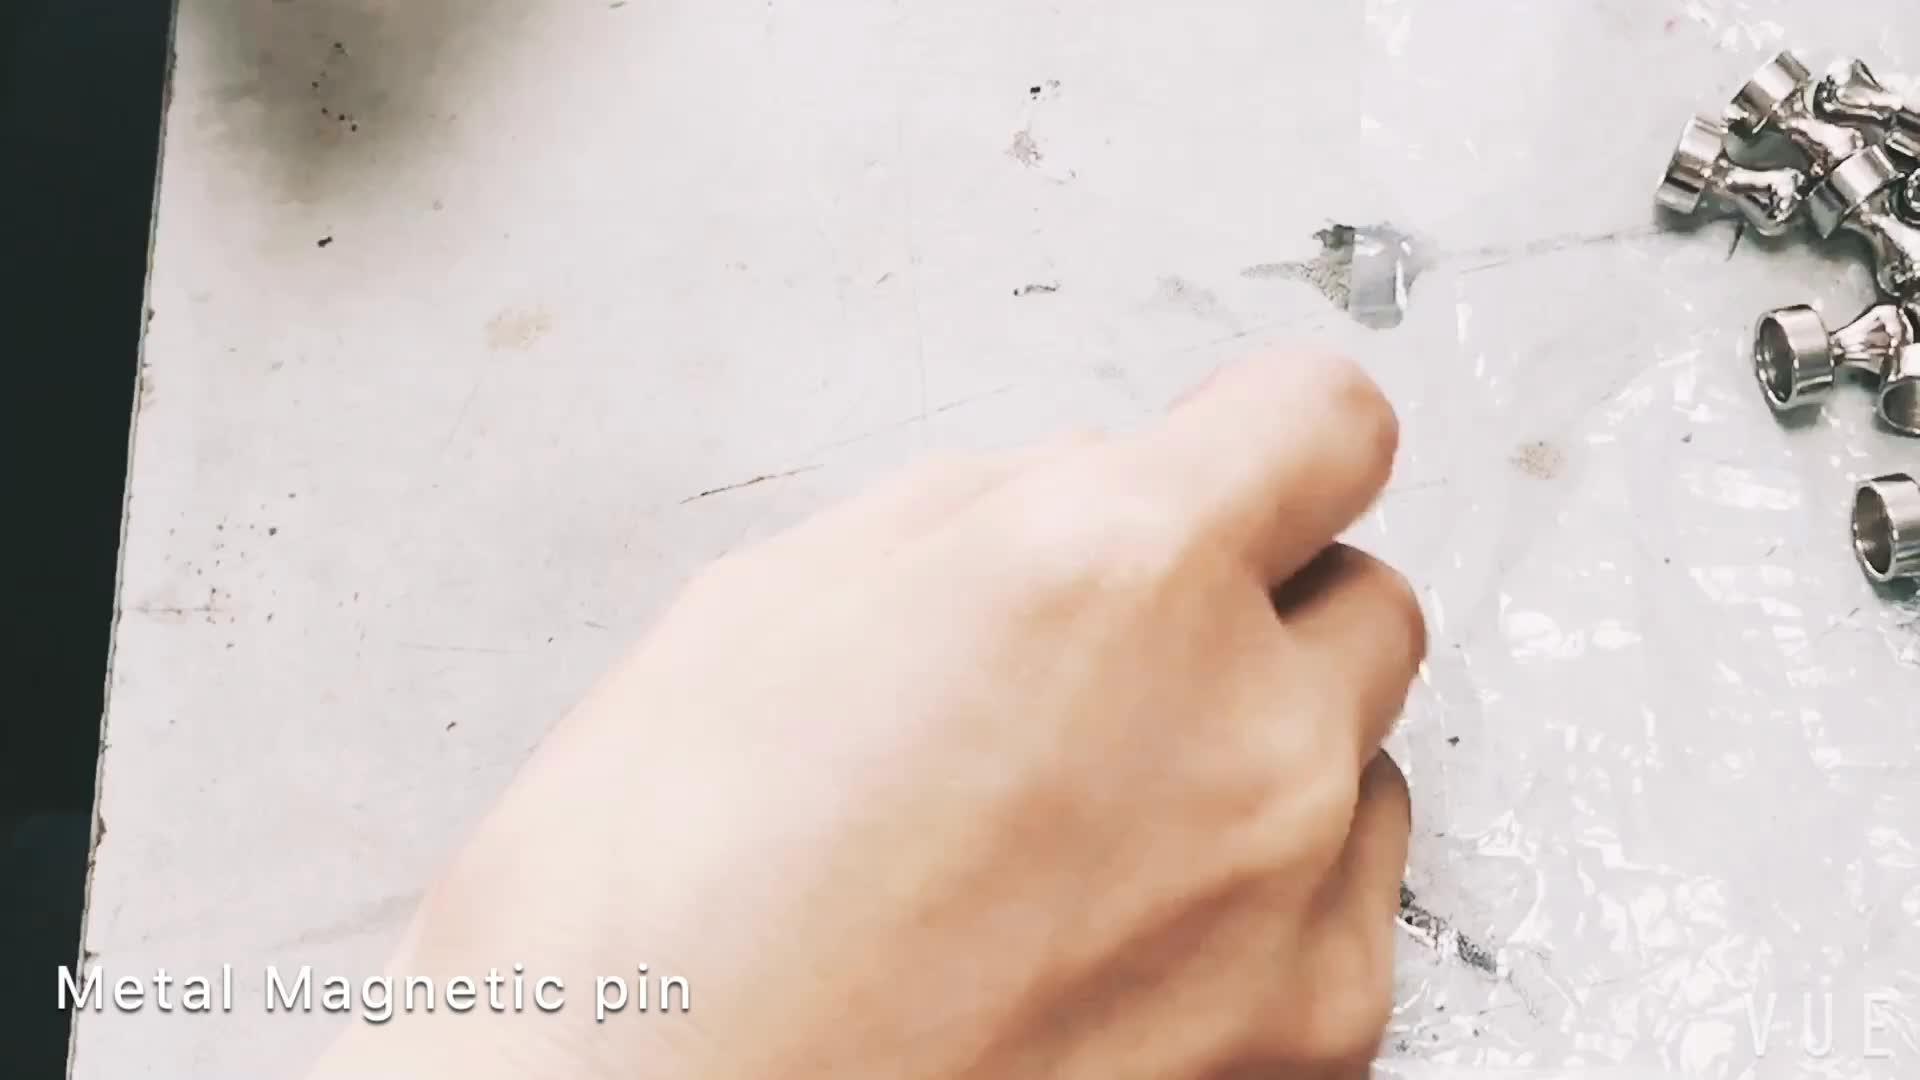 Süper Güçlü Neodimyum Skittle Metal itme pimi Mıknatıs